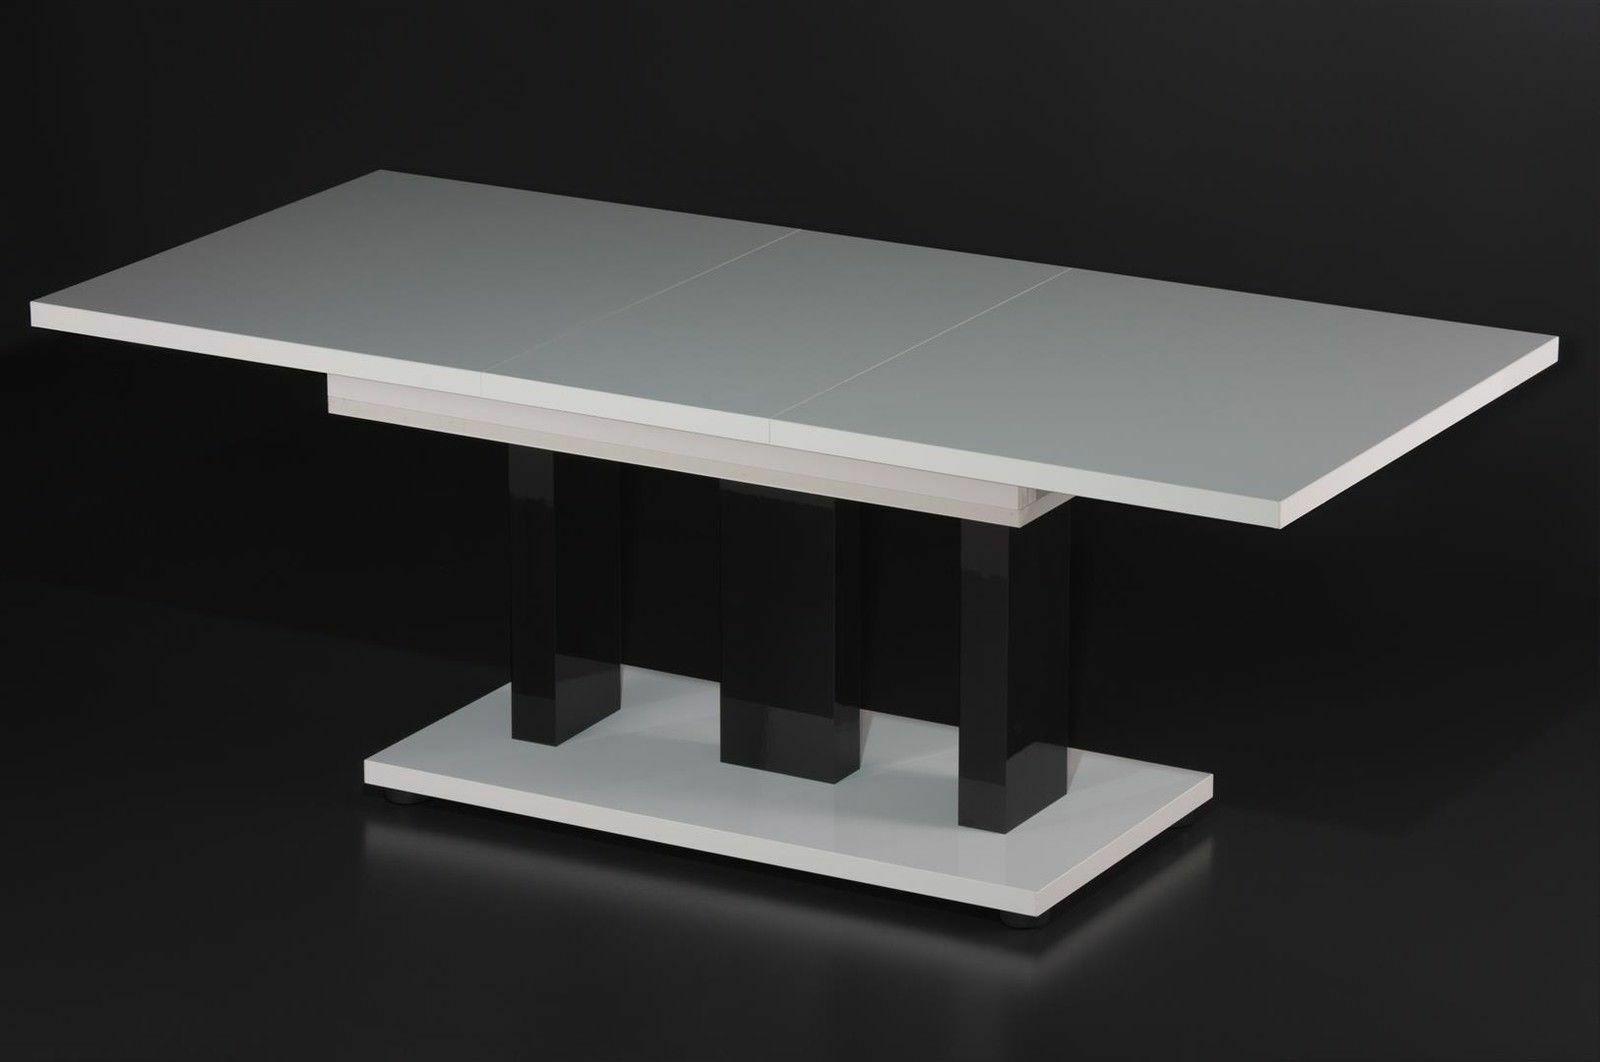 Couchtisch Auszug Tisch Wohnzimmer erweiterbar zweifarbig nußbaum ...